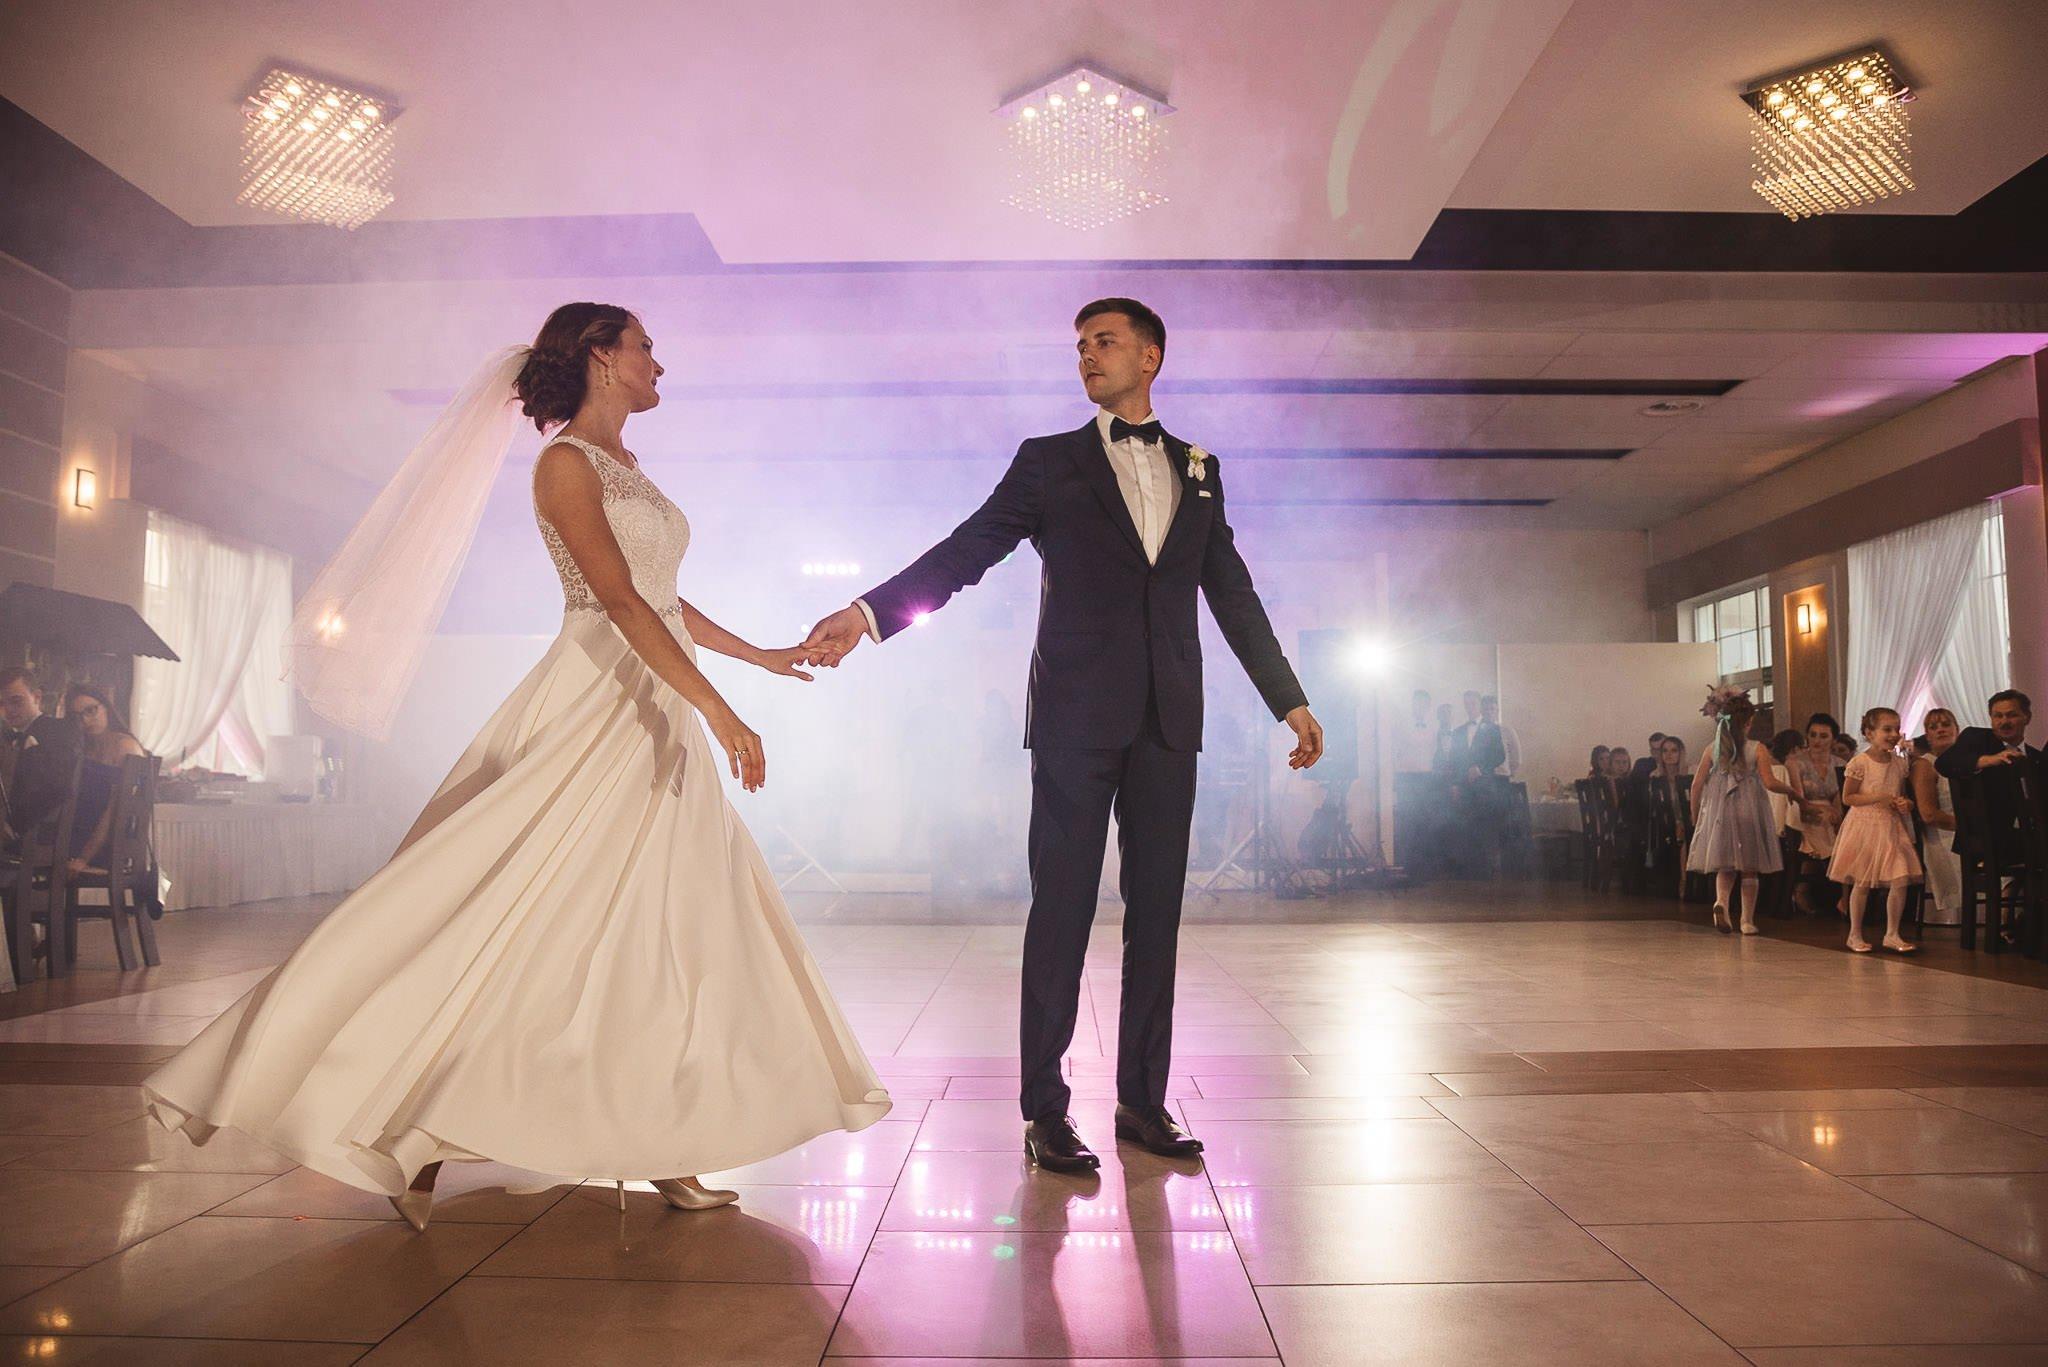 Monika i Michał, wesele w Paryżu i sesja plenerowa w stadninie koni w Czołowie 190